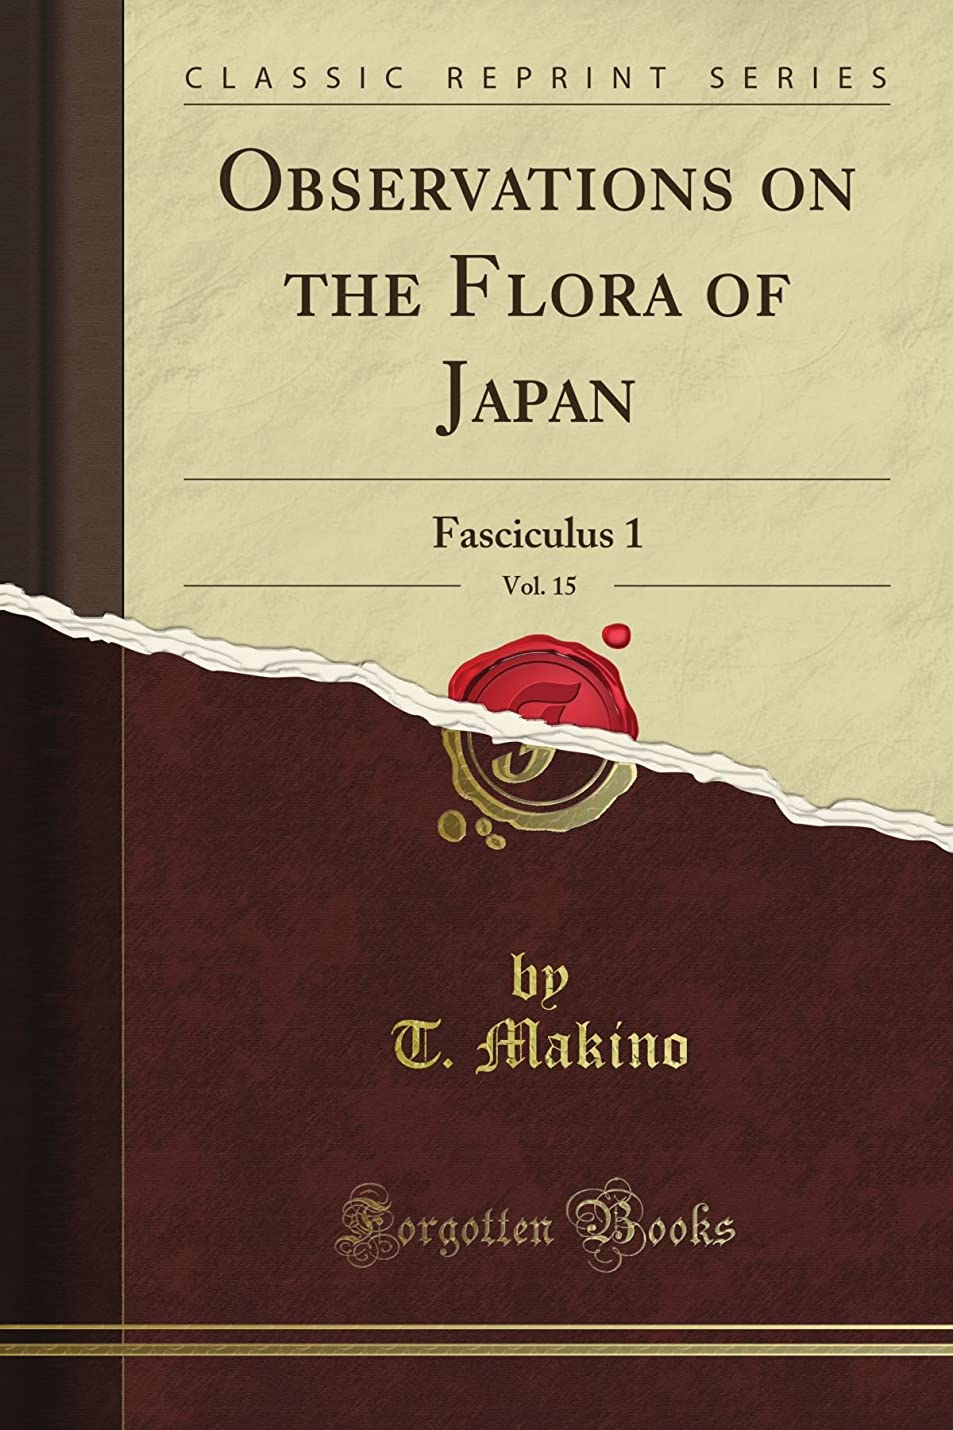 ソーダ水しがみつくステージObservations on the Flora of Japan: Fasciculus 1, Vol. 15 (Classic Reprint)